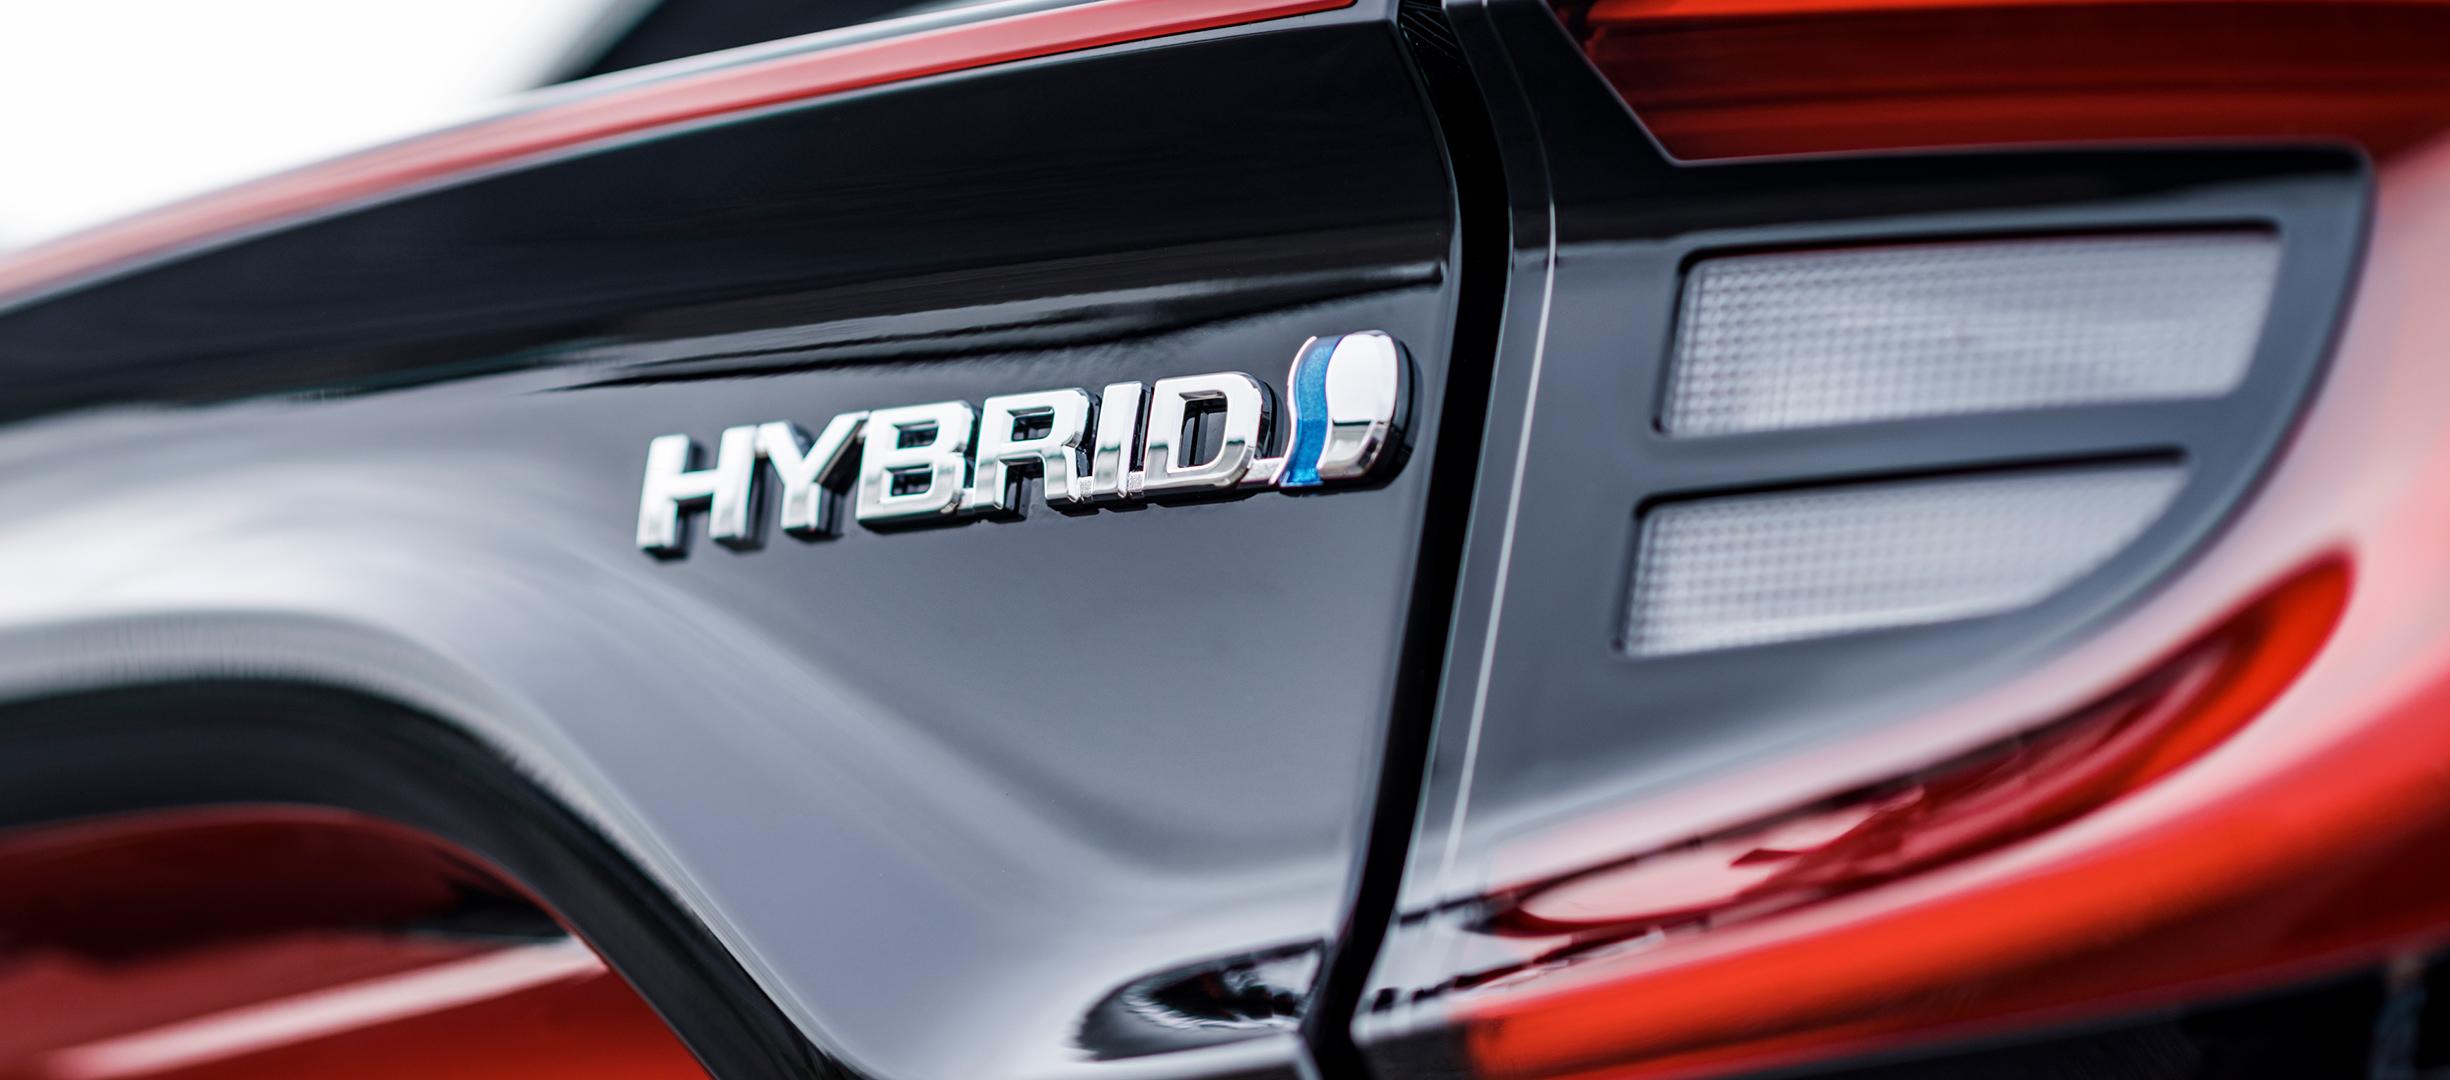 Toyota y Lexus y el reto de reciclar y reutilizar el 100% de las baterías híbridas